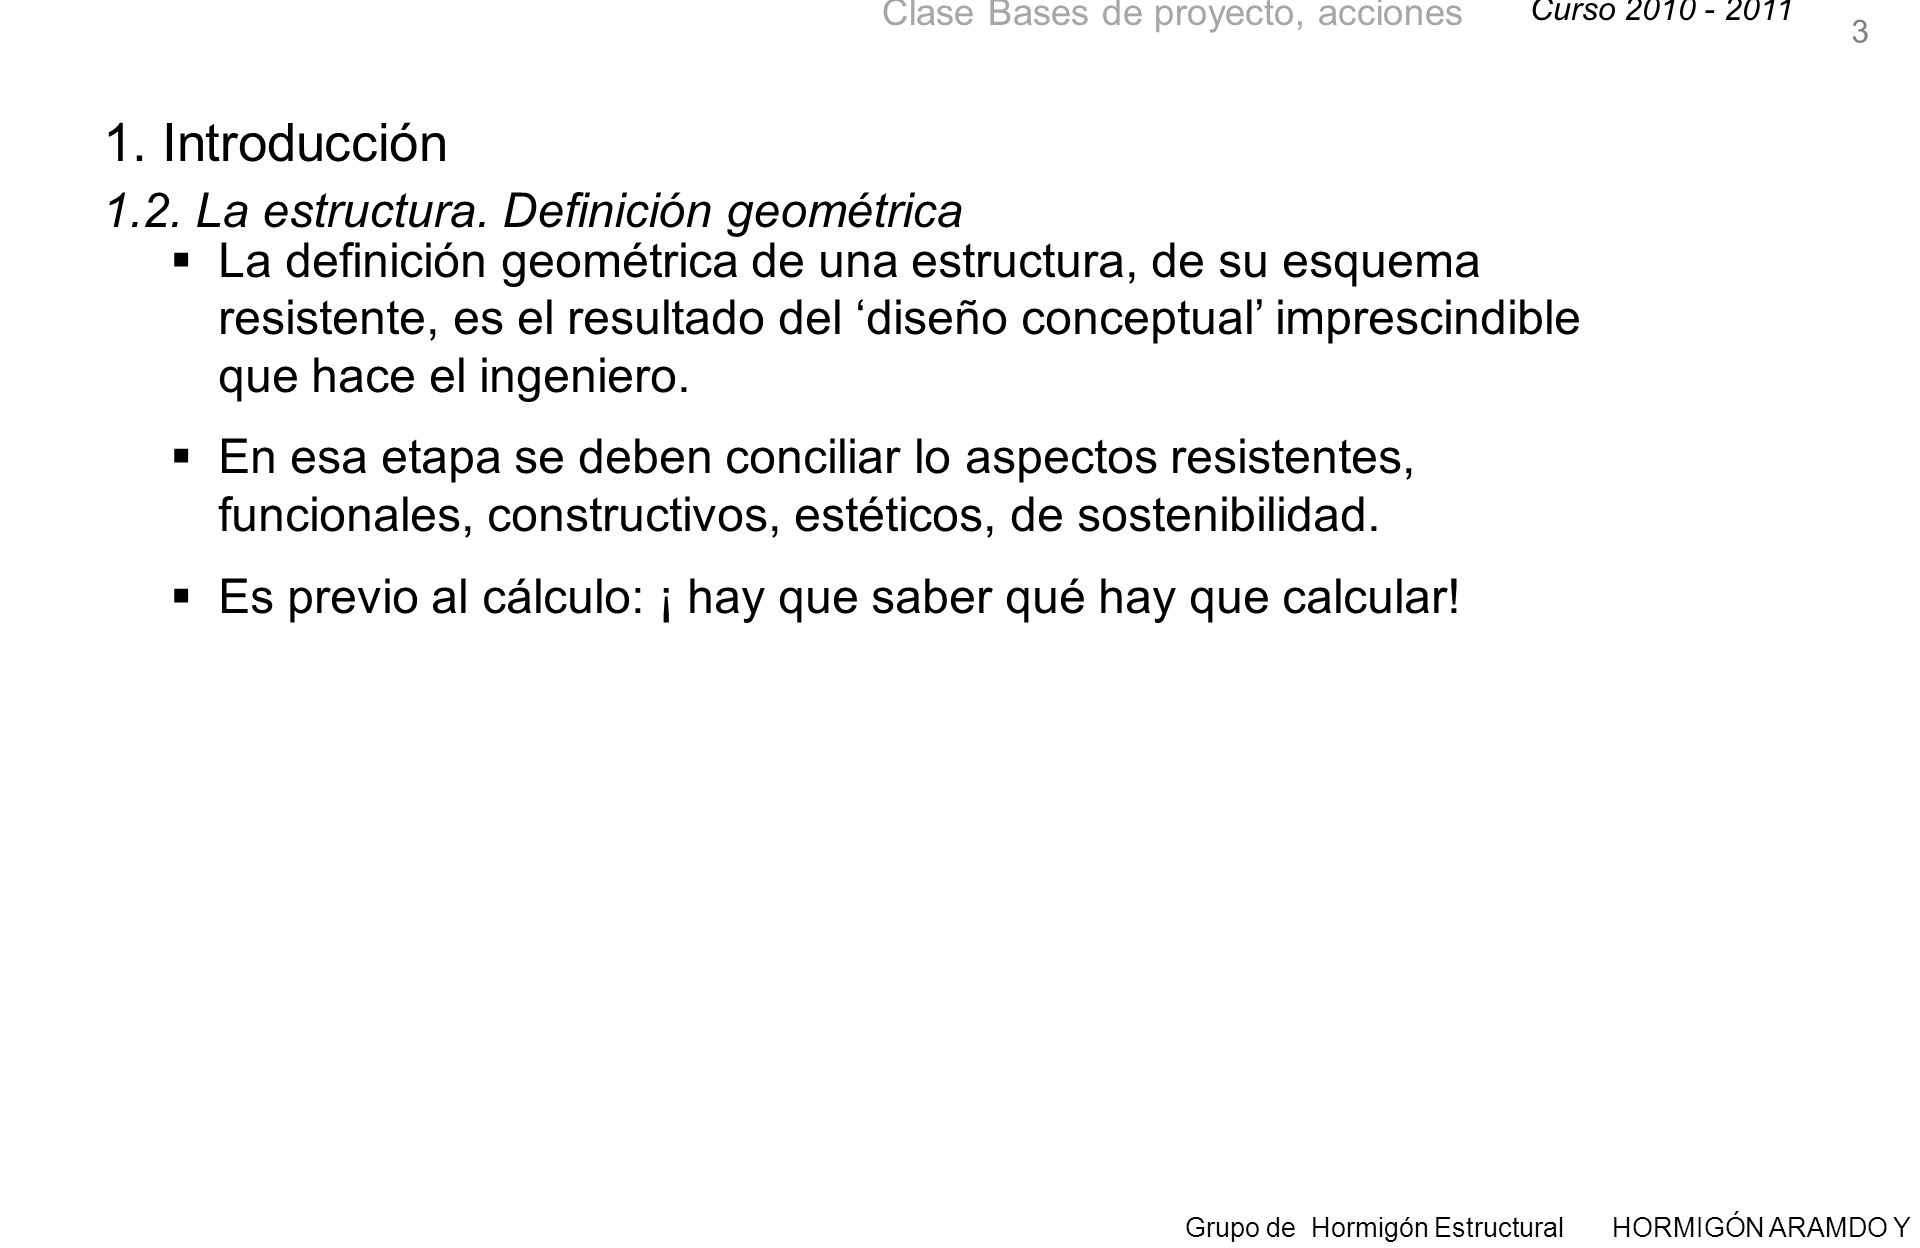 Curso 2010 - 2011 Grupo de Hormigón Estructural HORMIGÓN ARAMDO Y PRETENSADO II Clase Bases de proyecto, acciones 14 2.4.